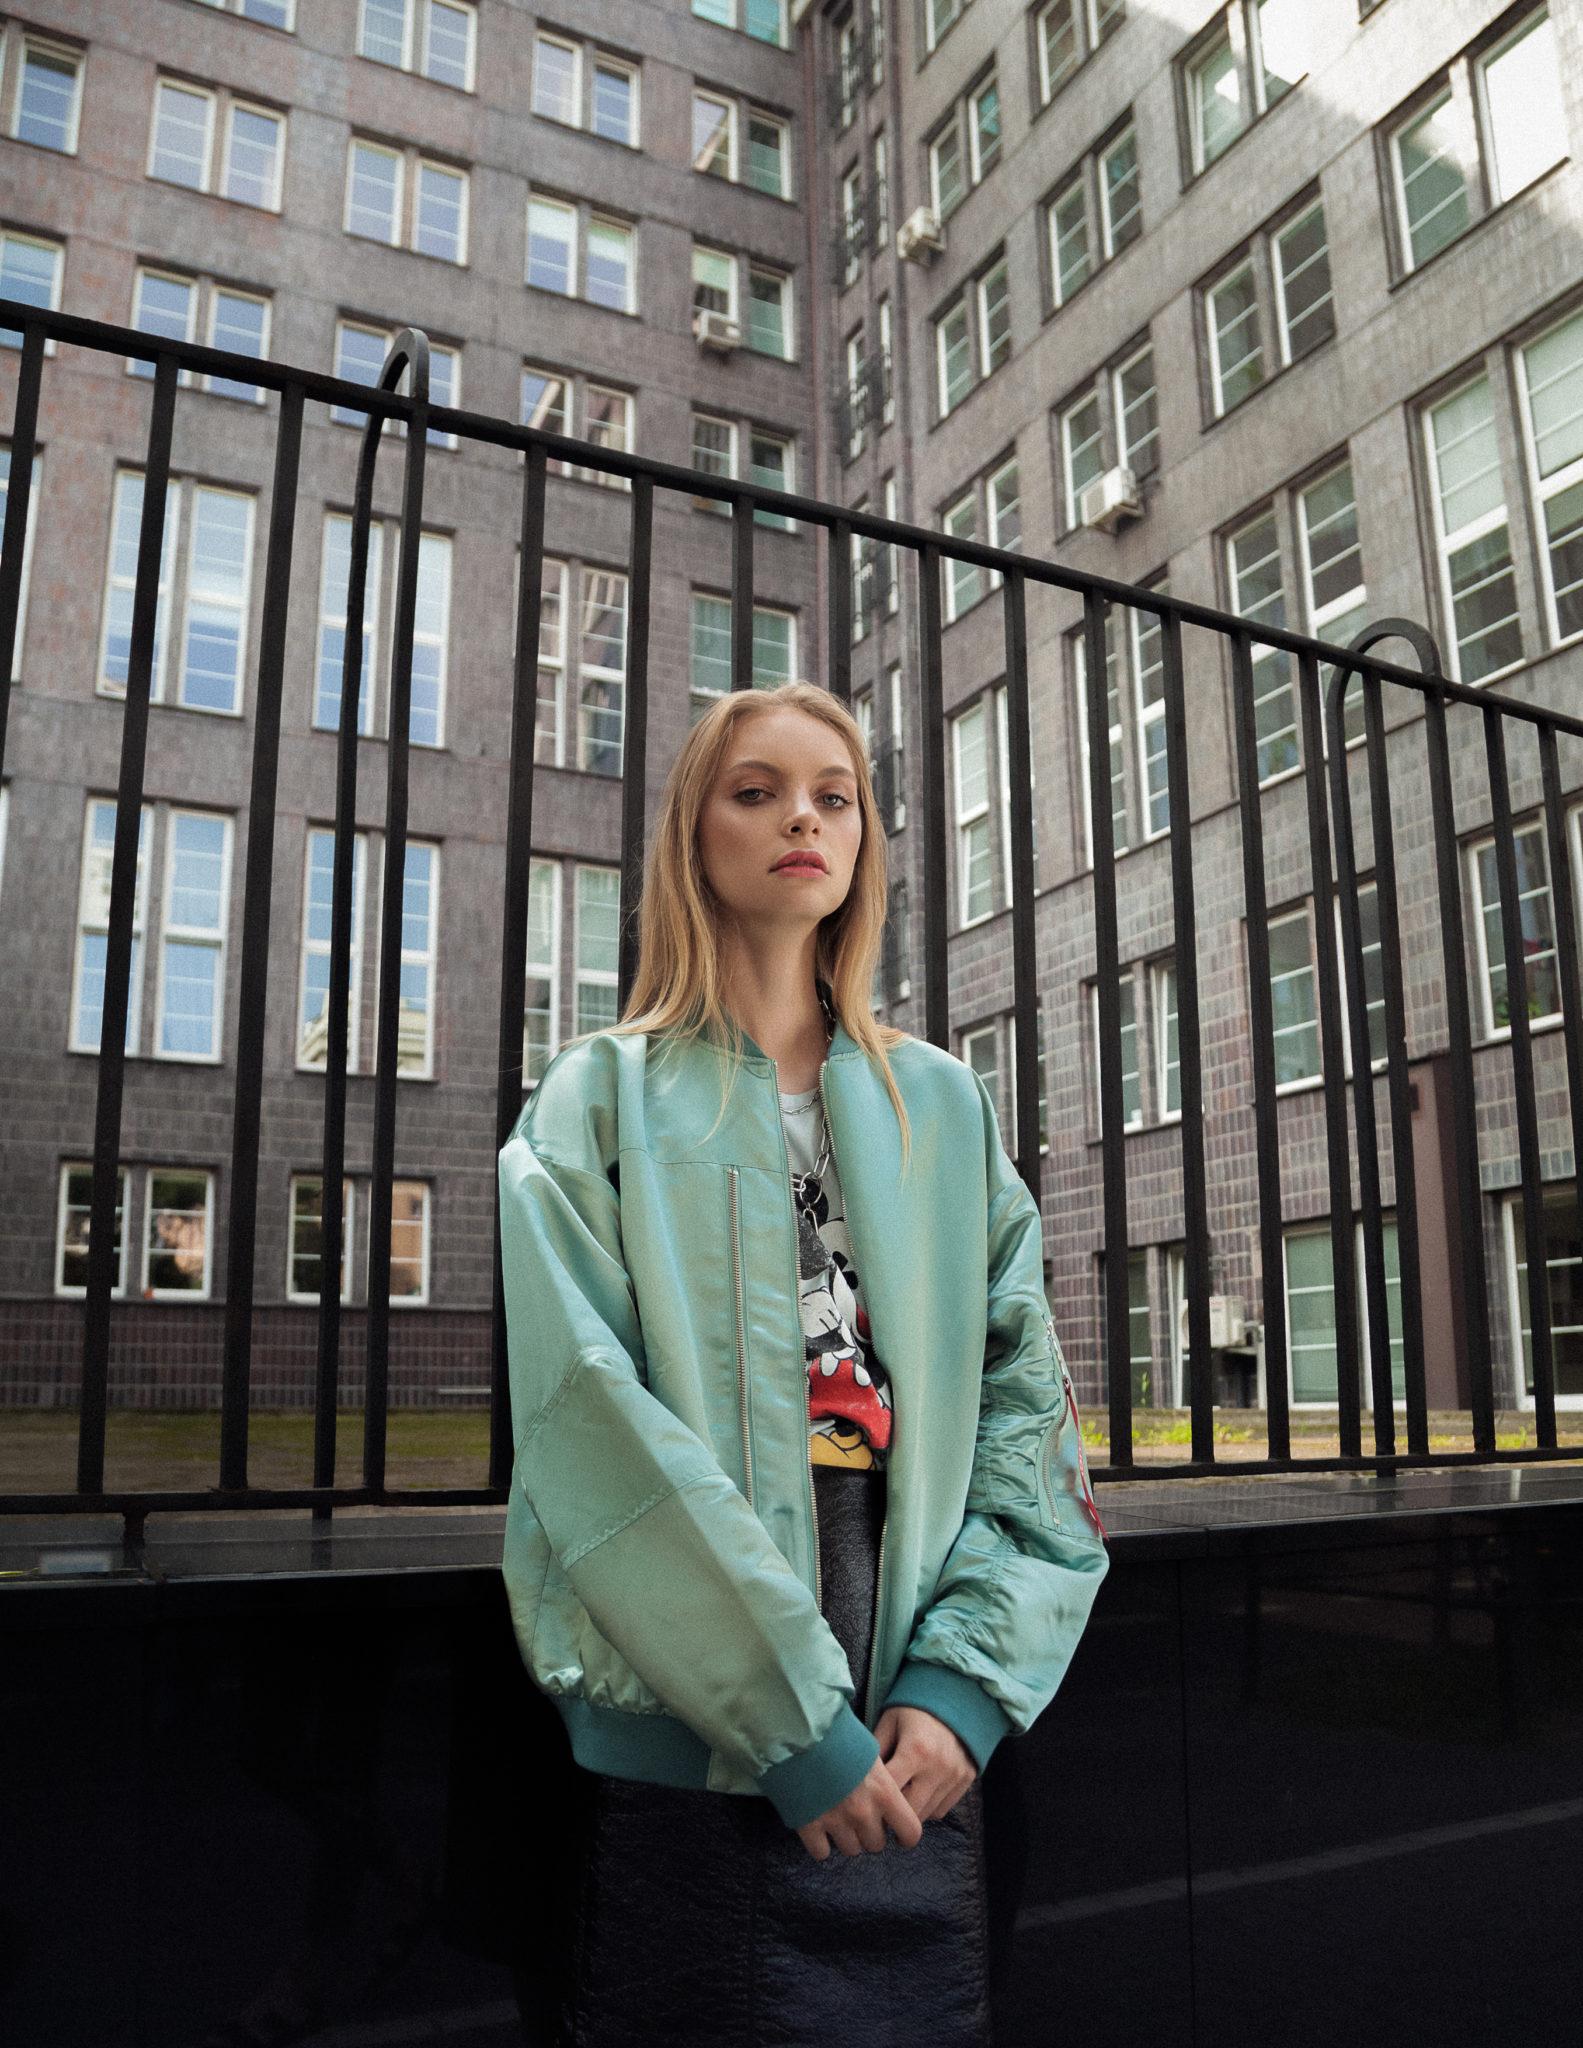 Dziewczyna oparta o kraty ogrodzenia, ubrana w miętową kurtkę typu bomberka